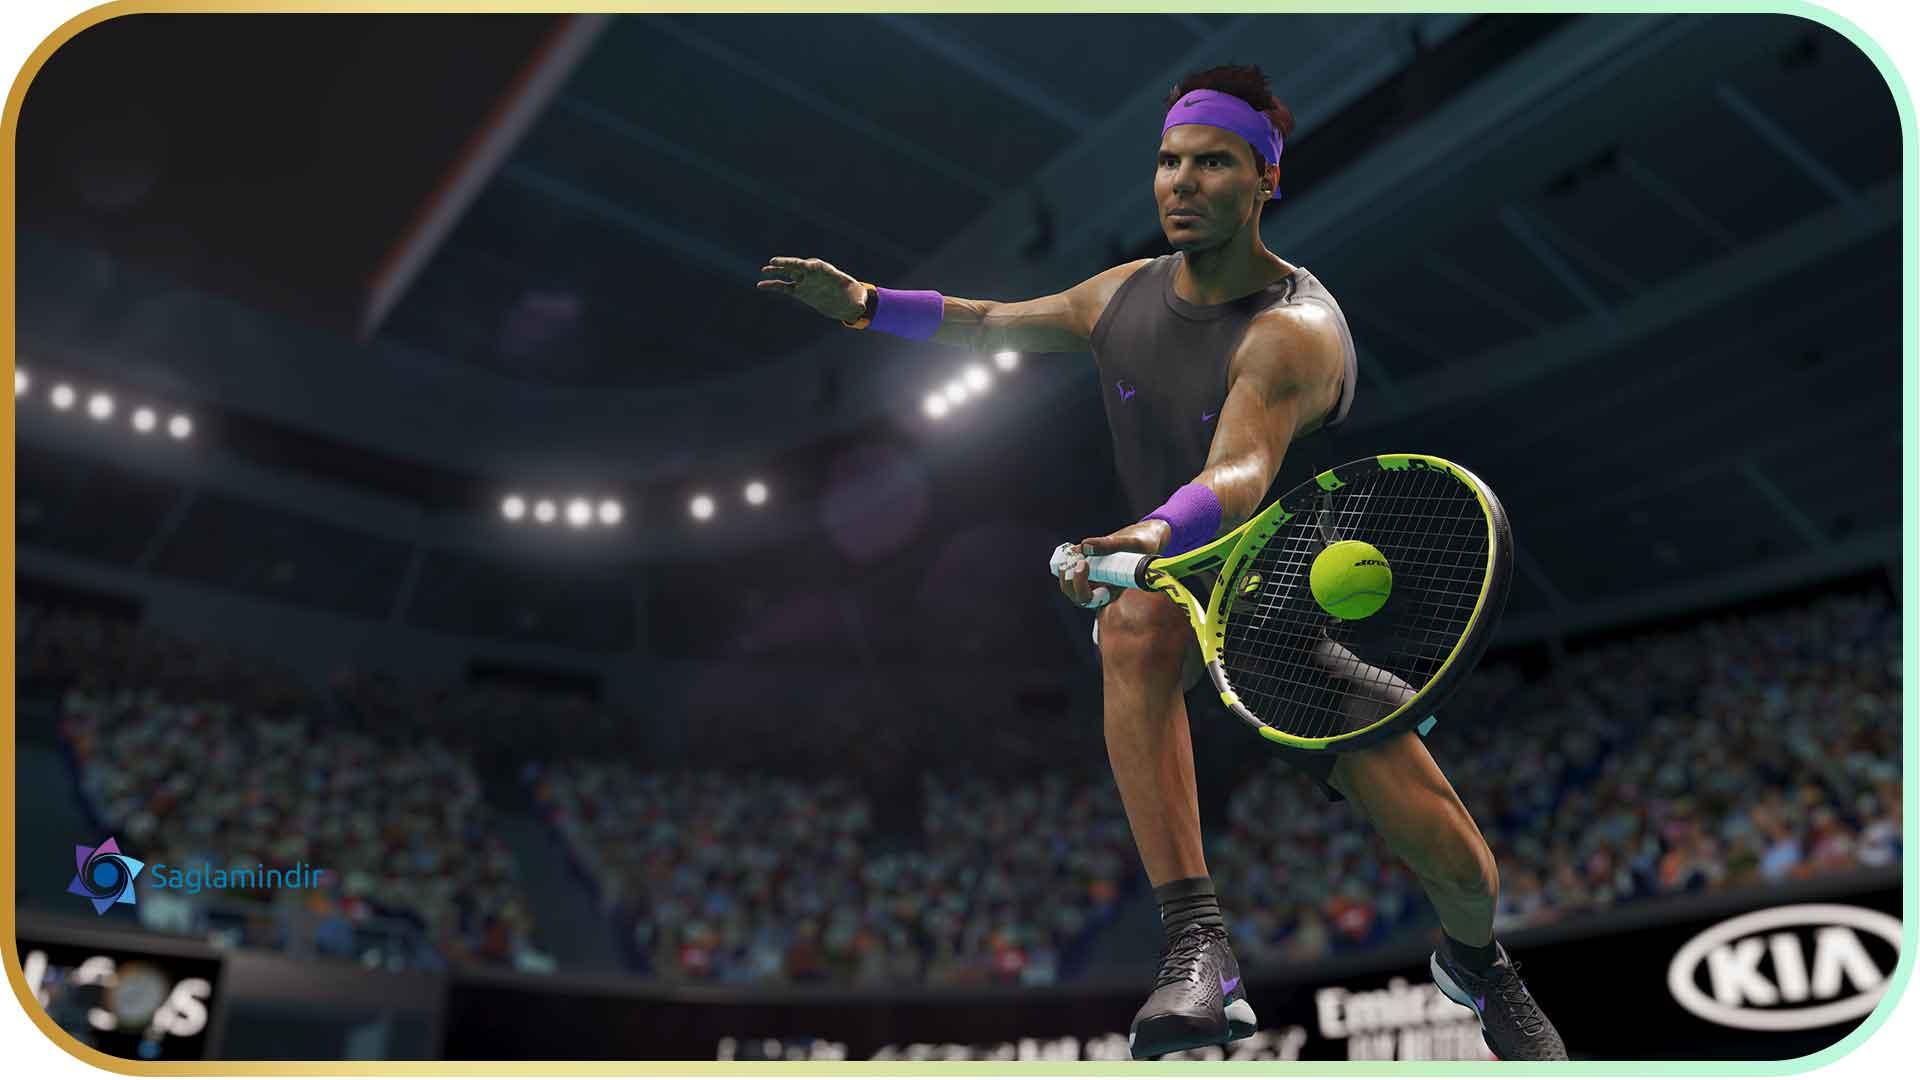 AO Tennis 2 saglamindir